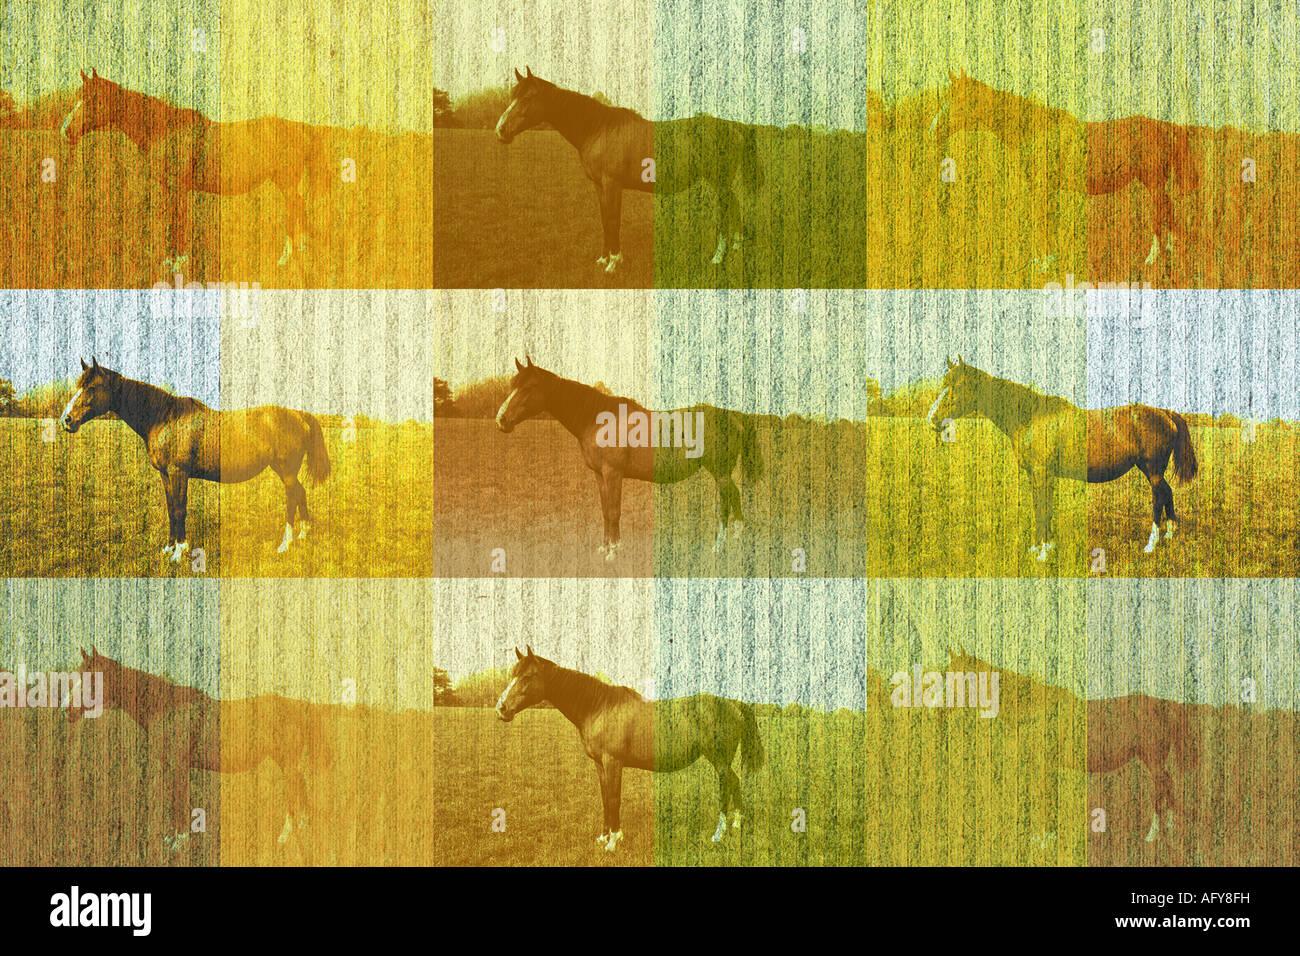 Fase e ripetere l'illustrazione di una baia a cavallo in un campo Immagini Stock